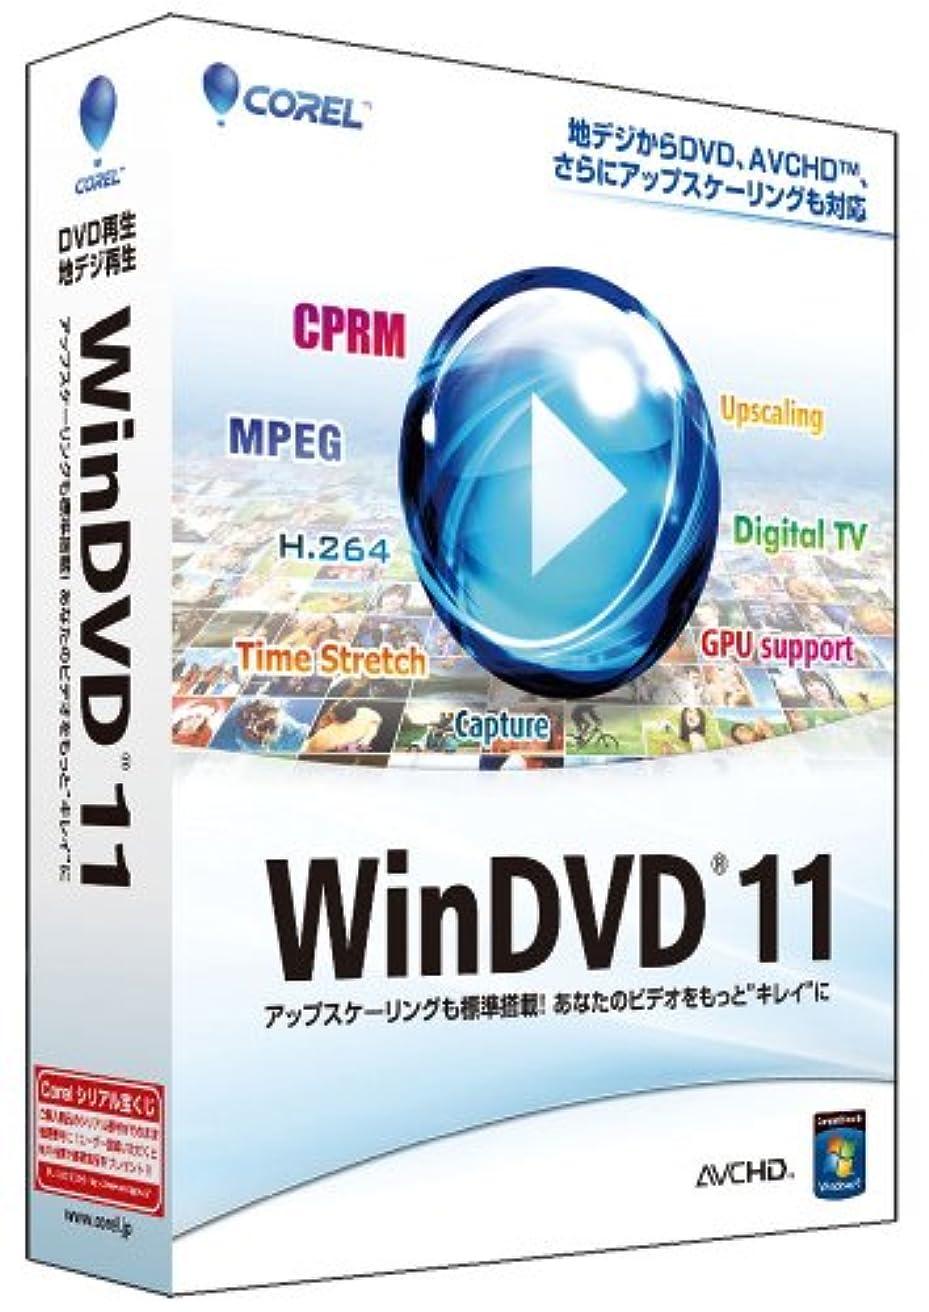 ソーセージアトラス口ひげCorel WinDVD 11 通常版